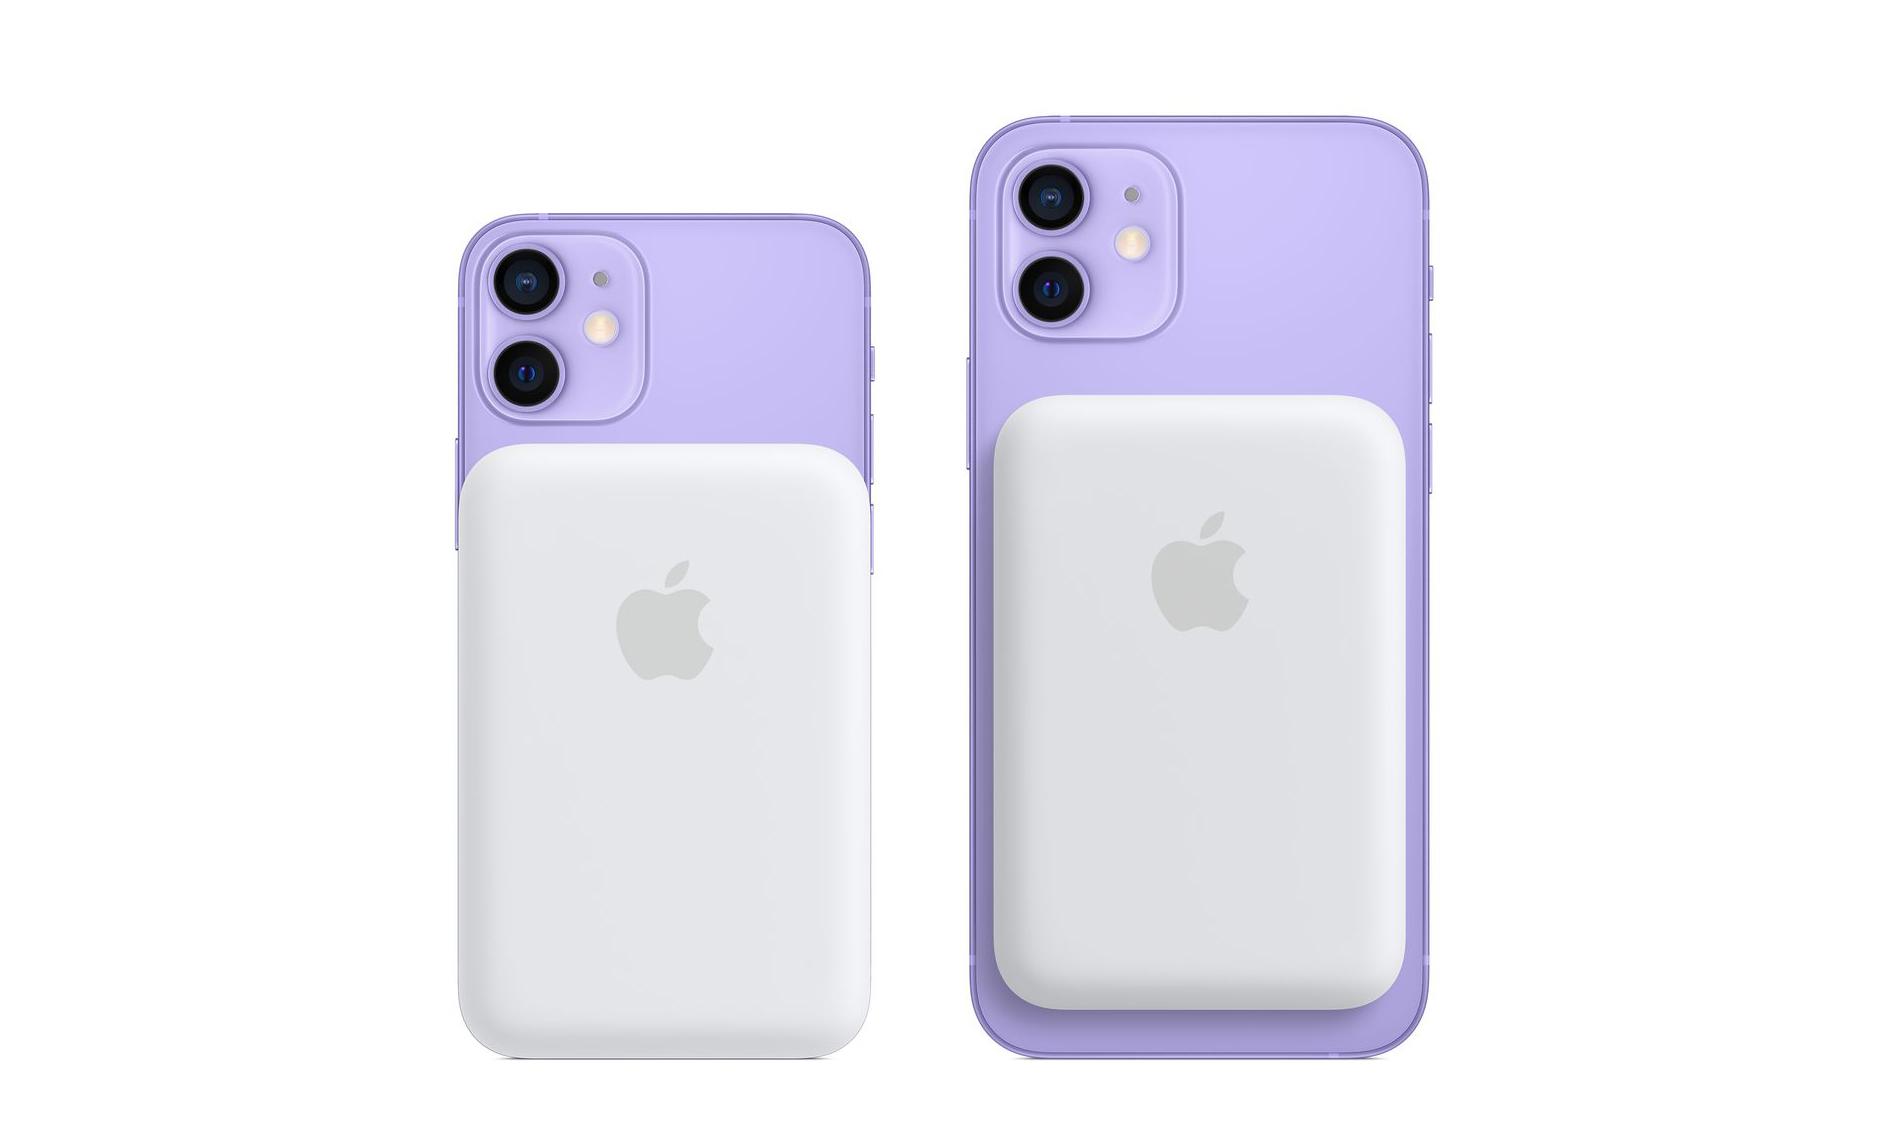 一物两用,苹果上架 MagSafe 外接电池